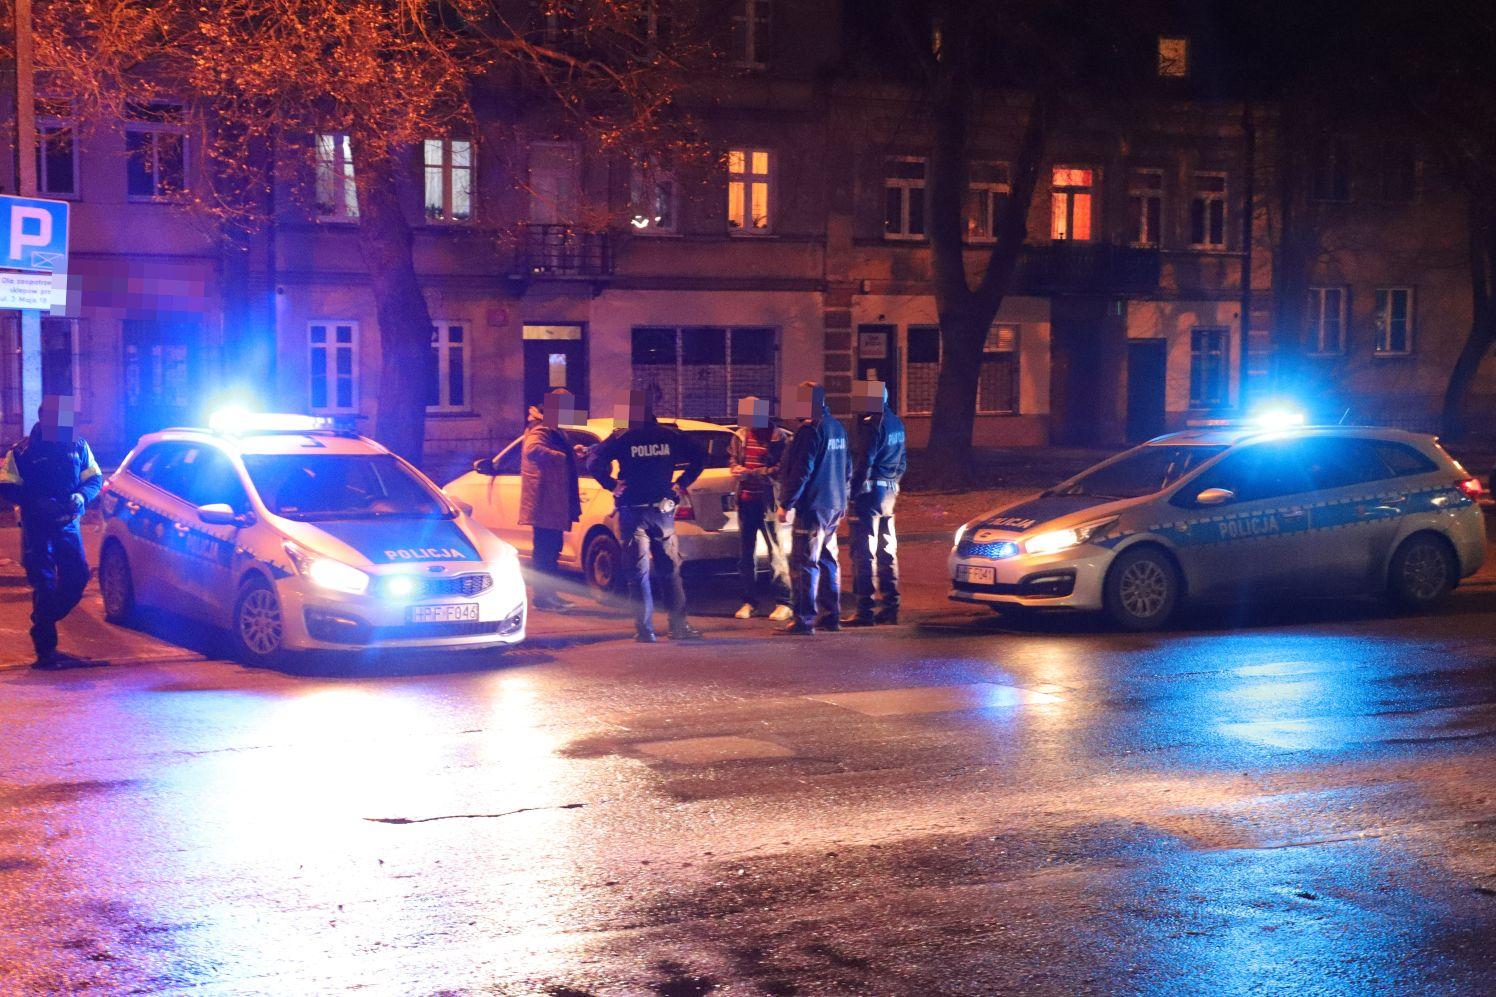 Kutno: Mieszkańcy oddali swoje oszczędności oszustom. Policja komentuje i apeluje o rozsądek - Zdjęcie główne